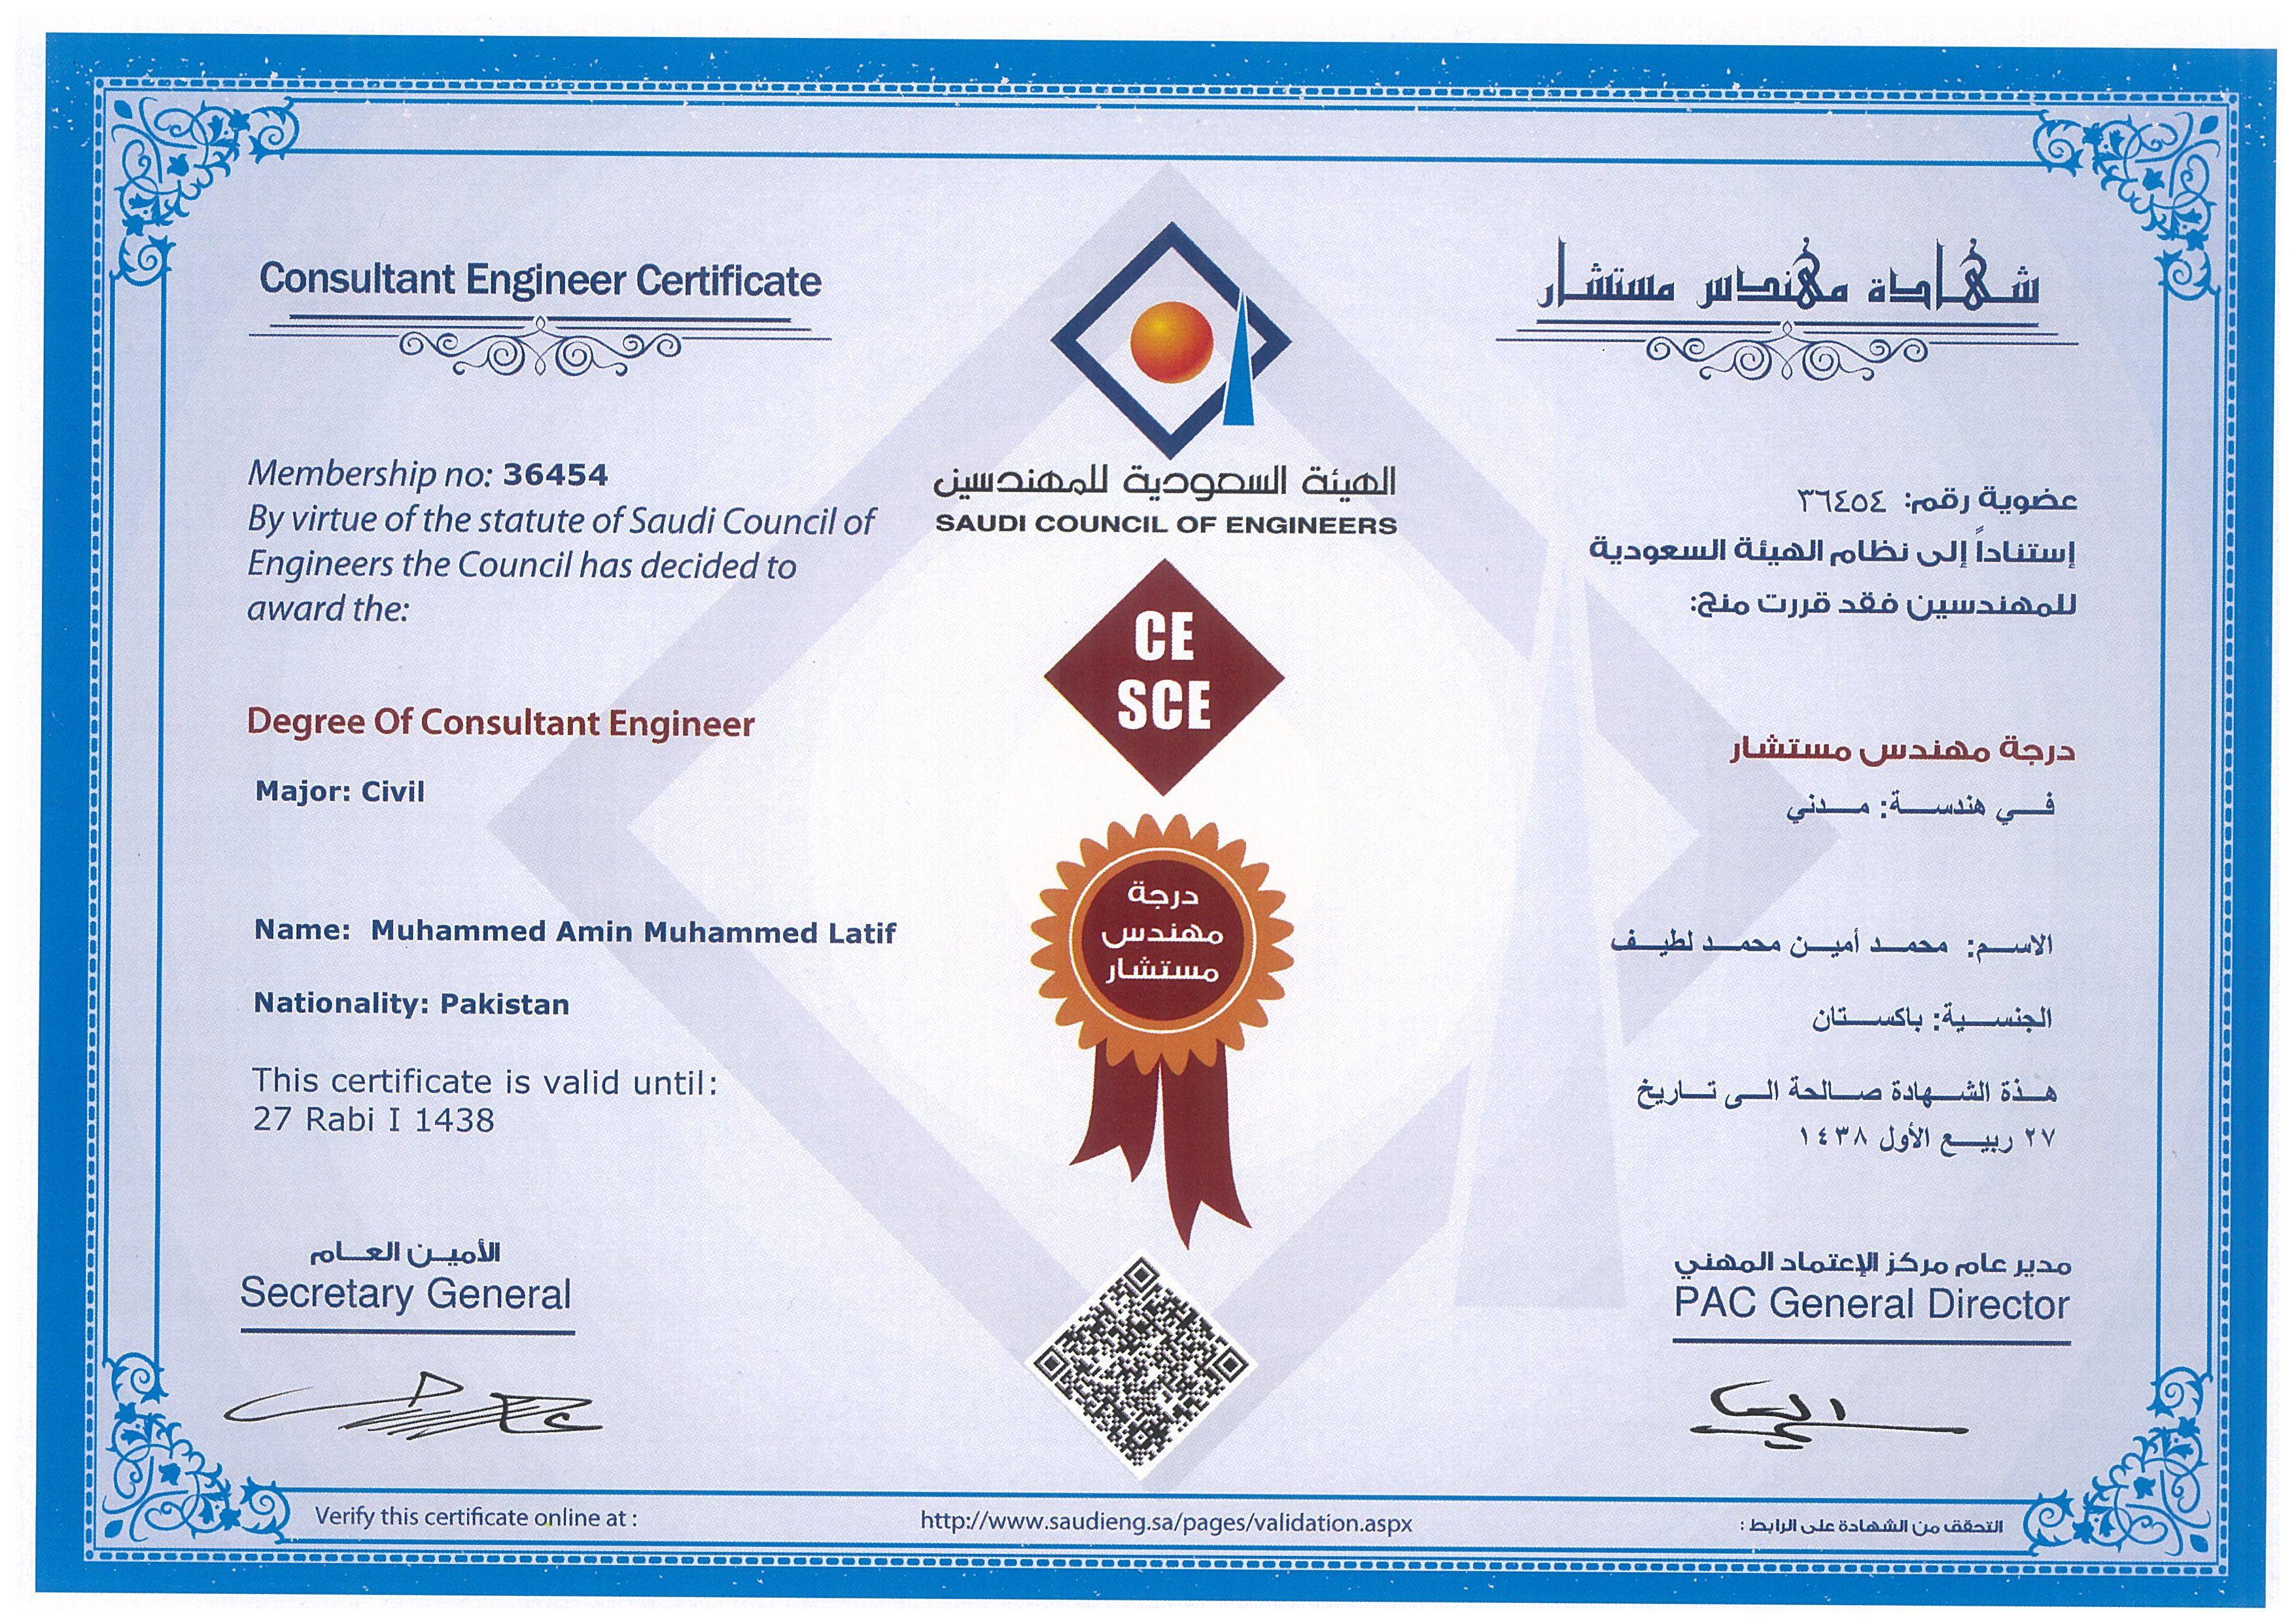 شهادة العضوية في الهيئة السعودية للمهندسين درجة مهندس مستشار للمهندس محمد أمين محمد لطيف Engineering Consulting Engineering Firms Engineering